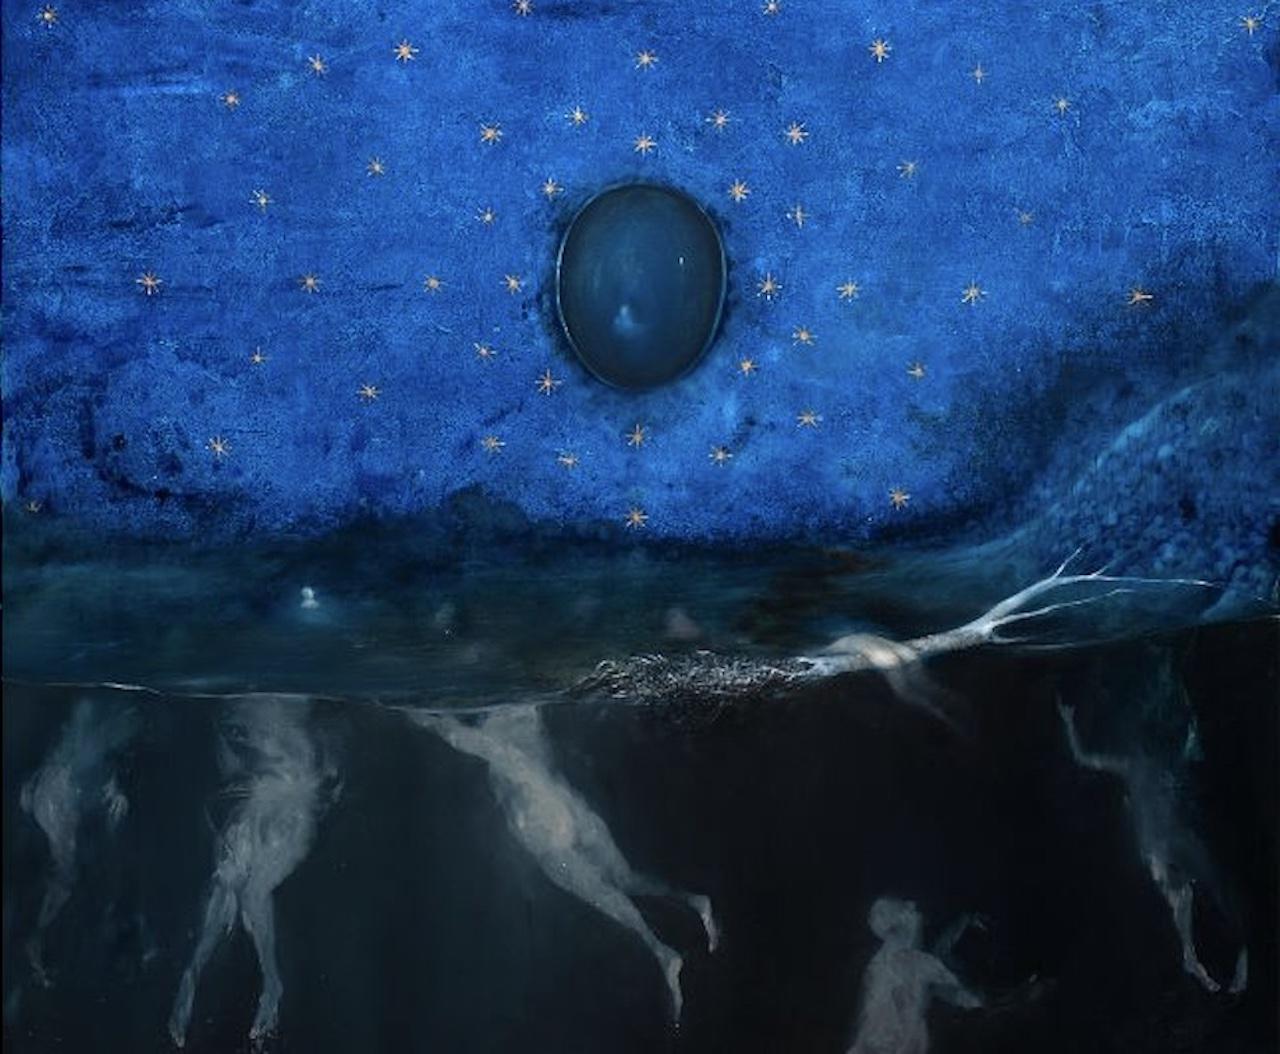 """""""A riveder le stelle"""": in autunno a Padova l'arte contemporanea dialoga con Giotto e Dante"""